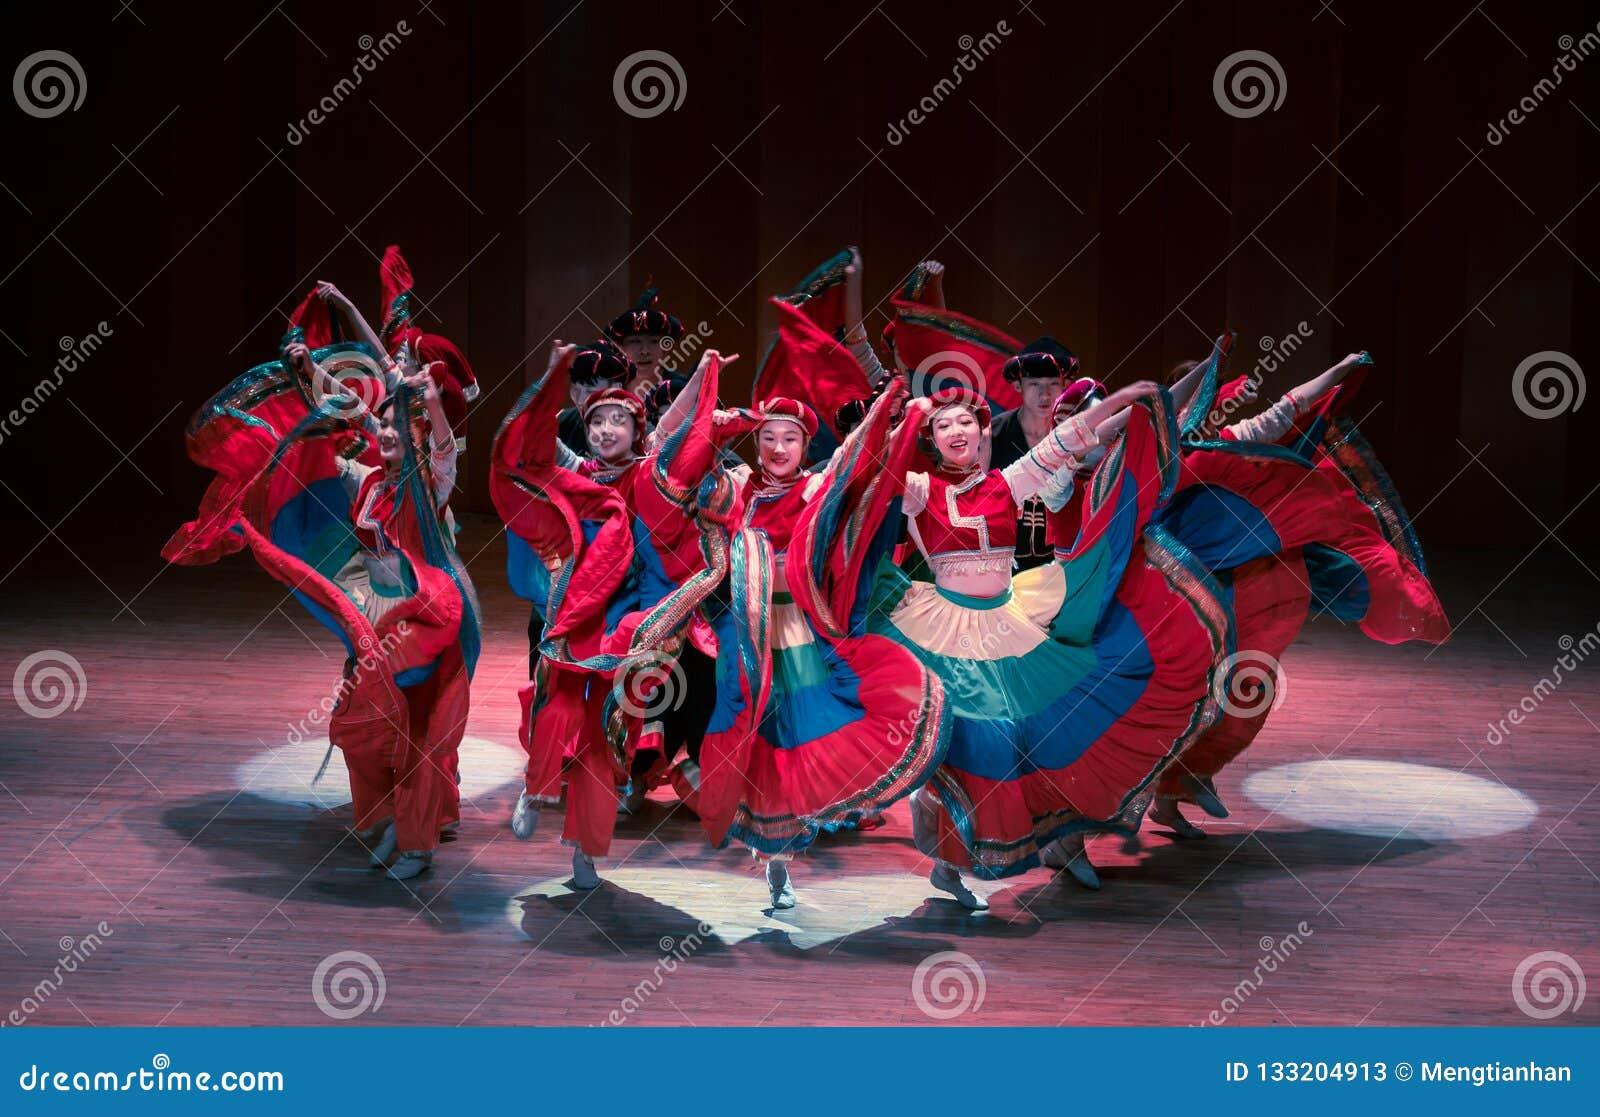 Stem in met dans 2 de volksdans van Axi sprong-Yi van het dansdrama